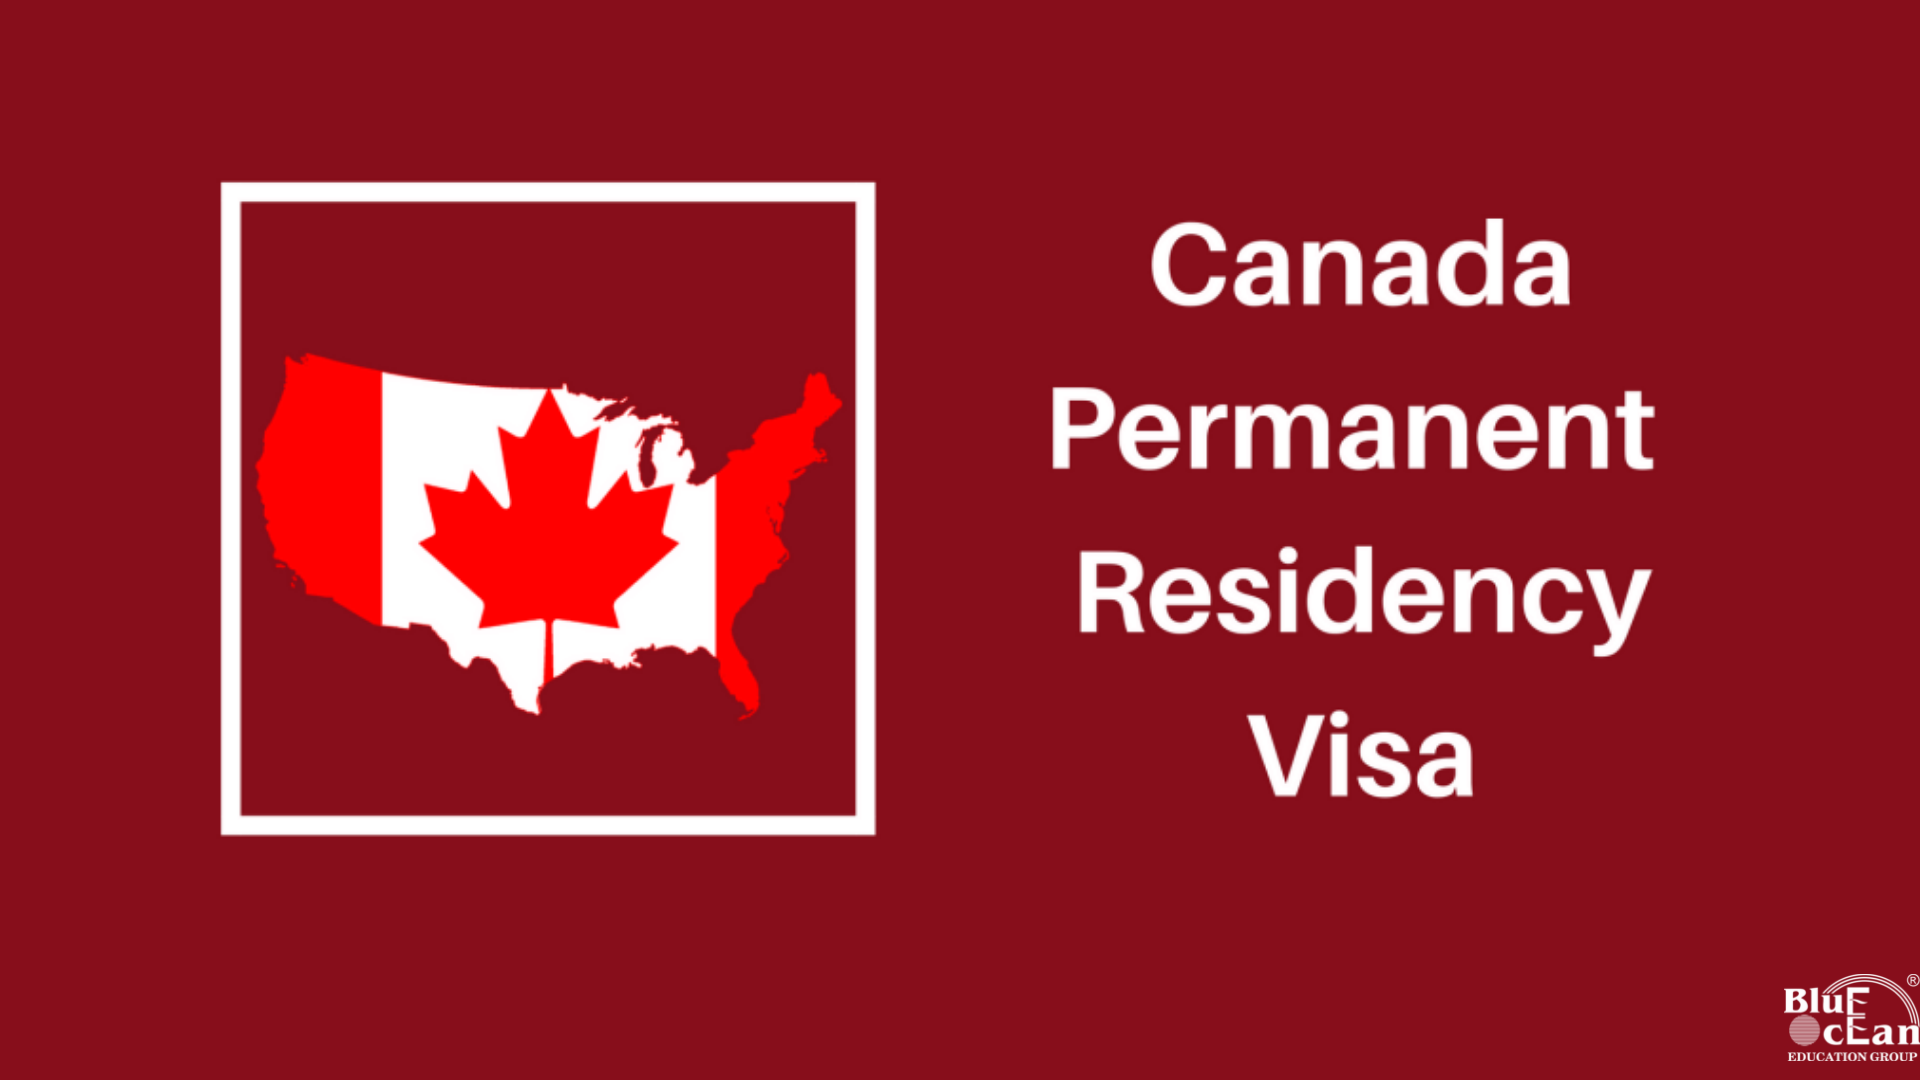 BÍ QUYẾT NHẬN PERMANENT RESIDENCE(PR) DU HỌC CANADA